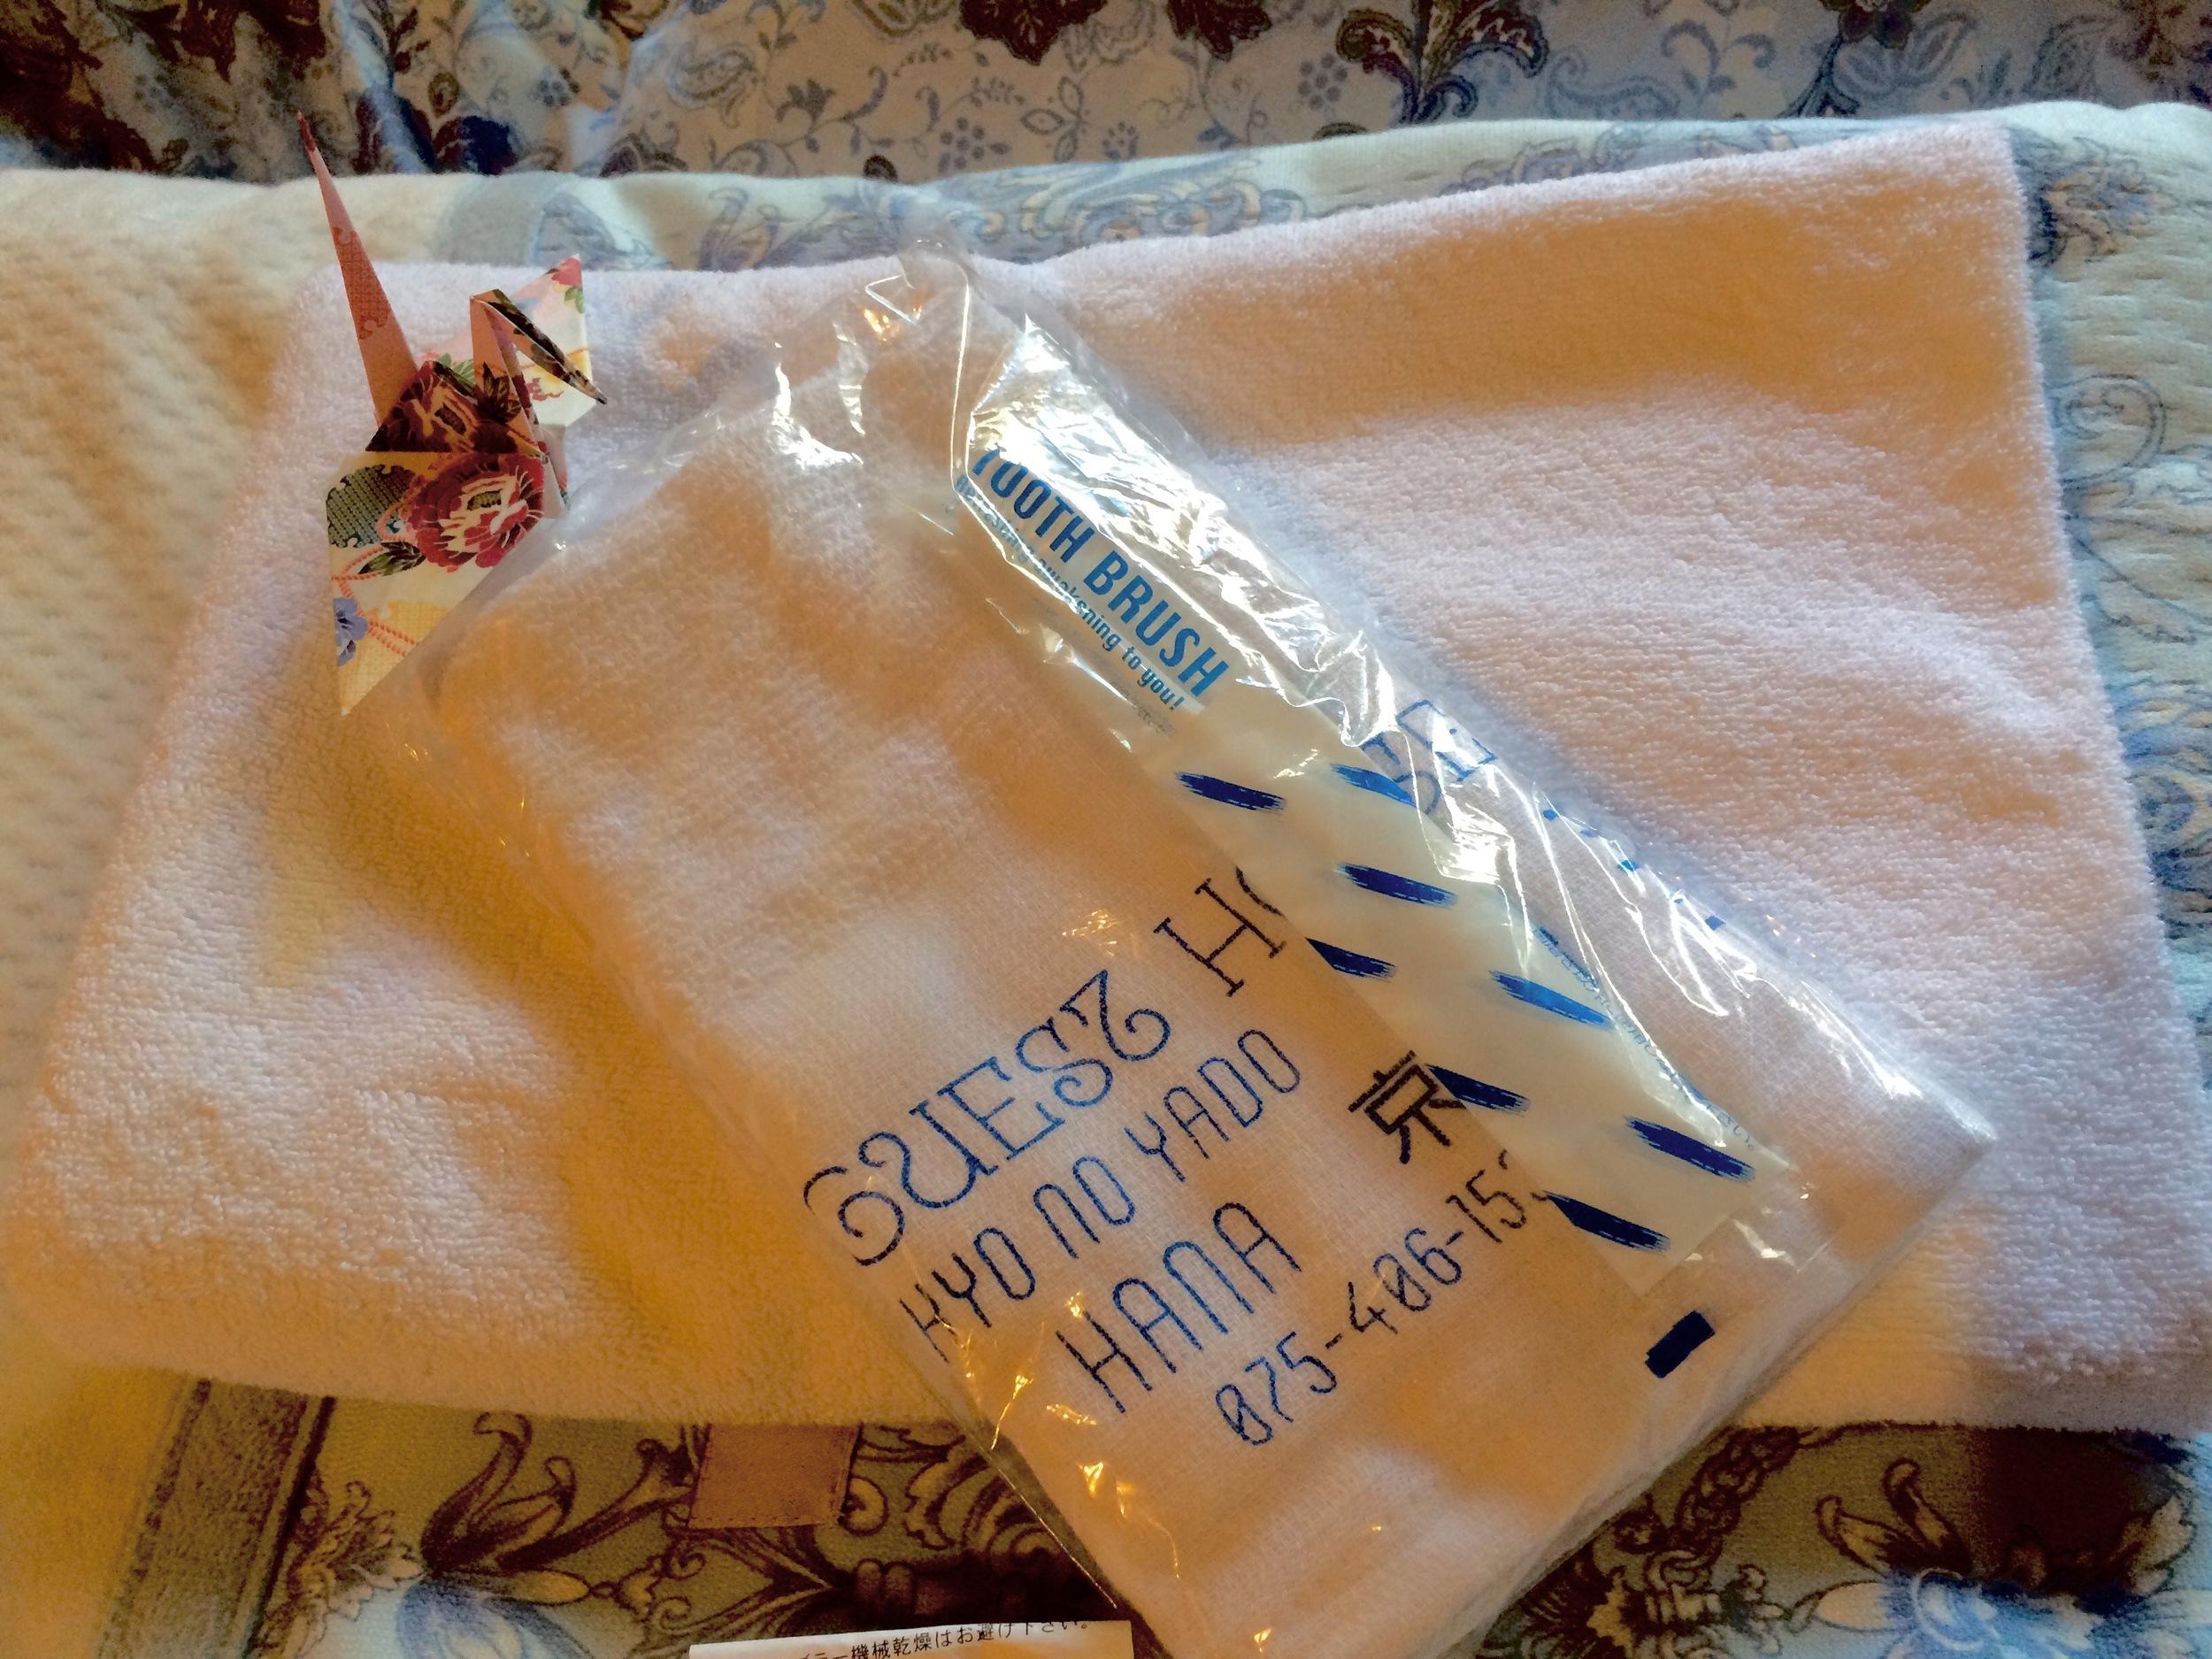 アメニティーを追加いたしました。連泊のお客様は、追加分のご用意をさせていただきます。   ・bath towel バスタオル    ・FACE towel  フェイスタオル(お持ち帰りくださいませ)    ・TOOTH BRUSH 歯ブラシ